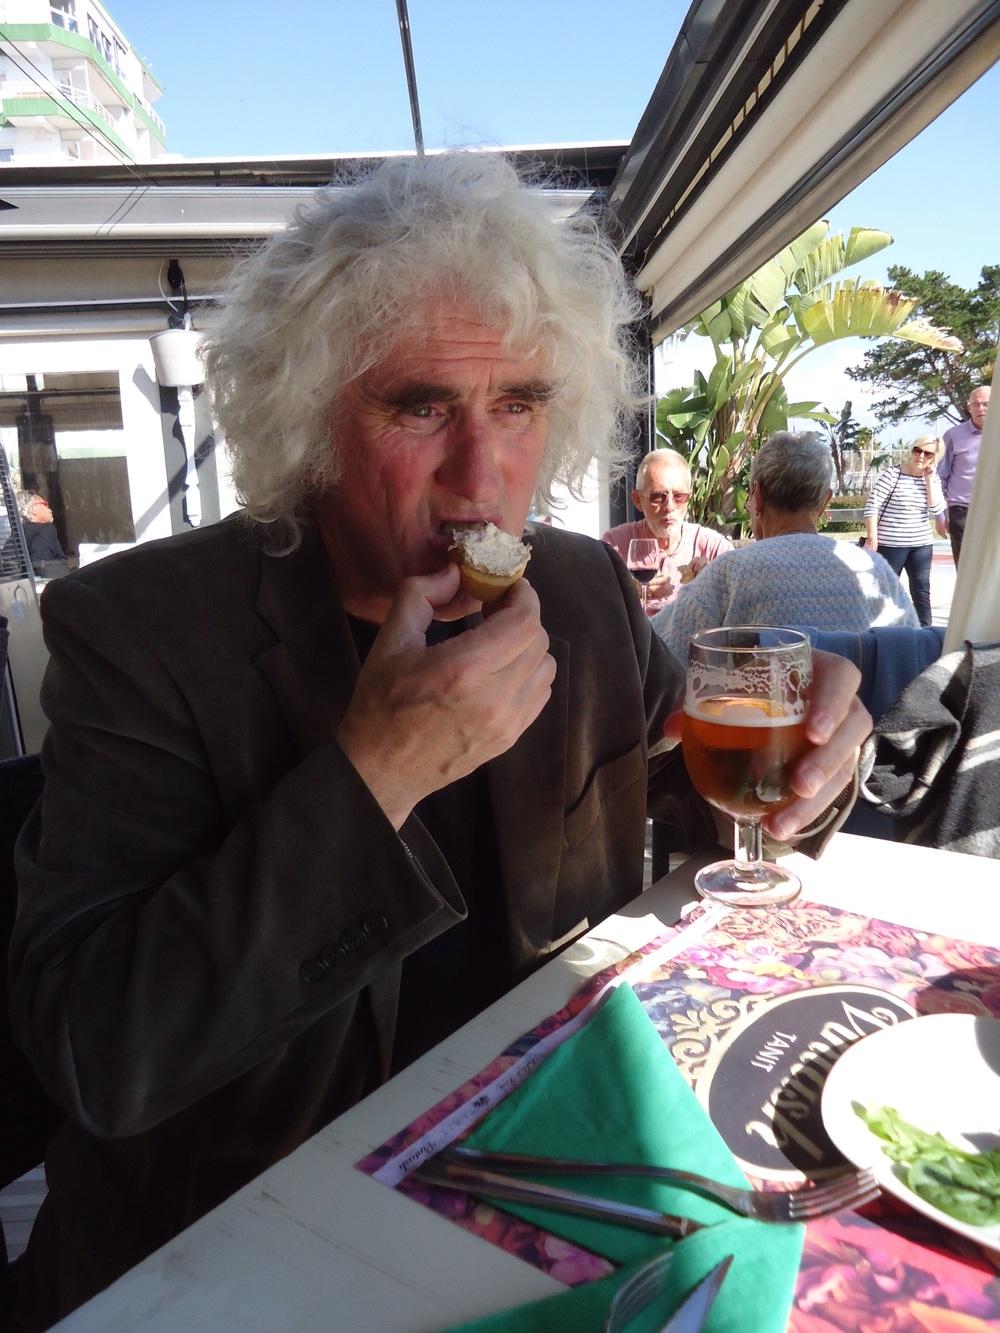 Tapas y cervesa